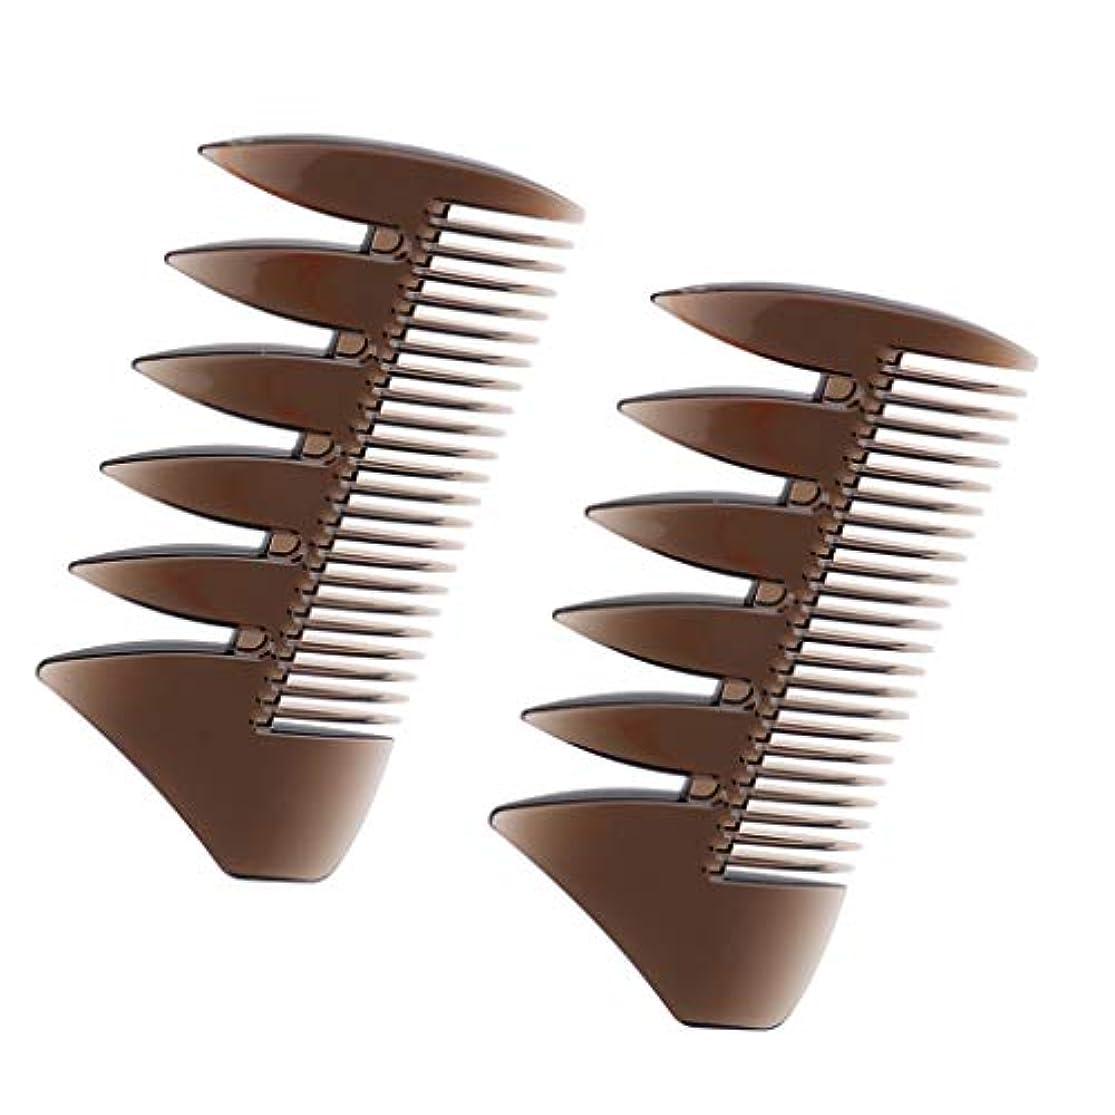 モデレータ成功克服するヘアコンビ デュアルサイド メンズ 髪櫛 ヘアサロン ヘアスタイリング 散髪店/美容院専用櫛2個入